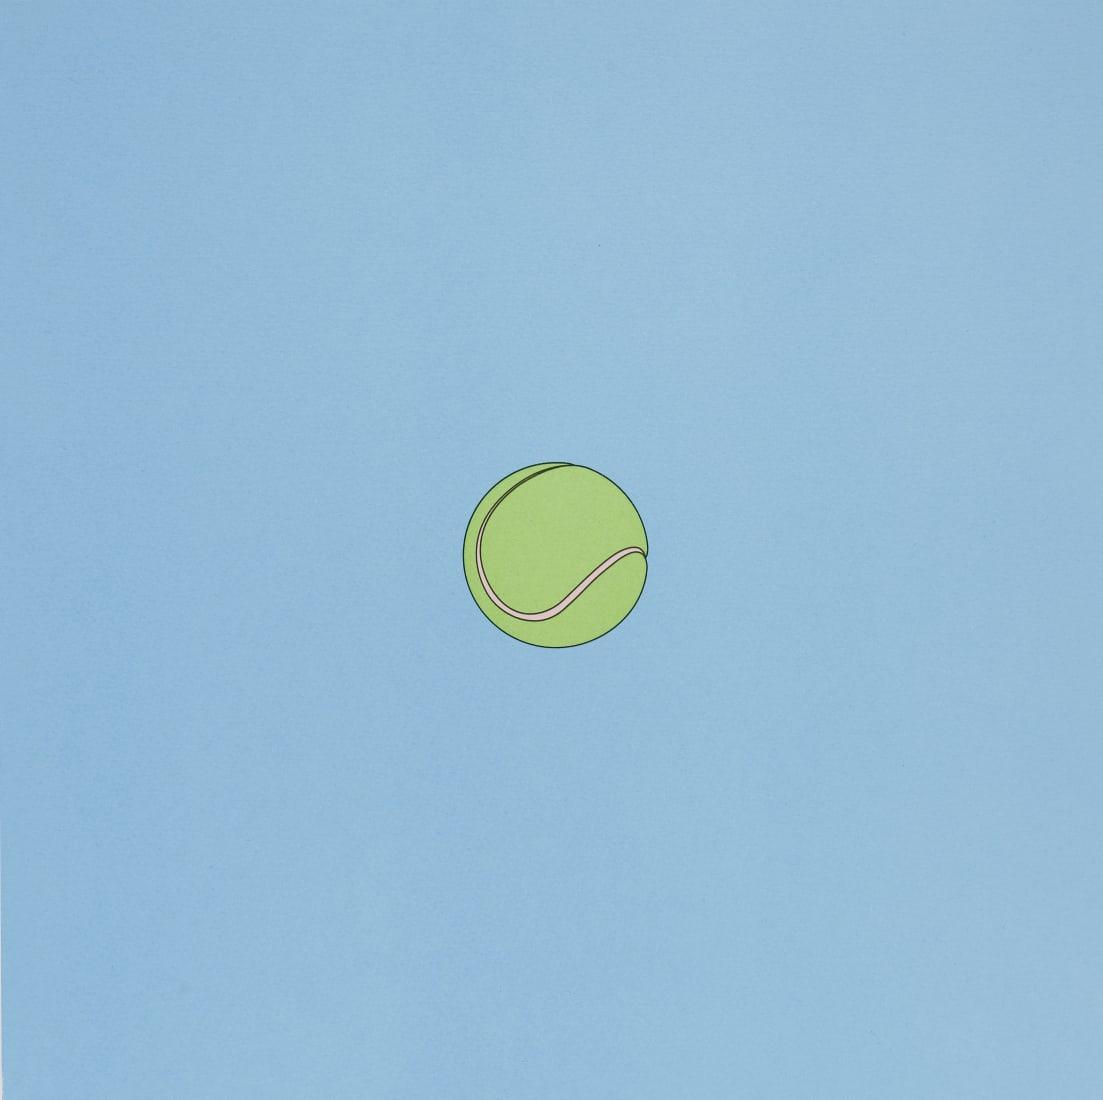 """<span class=""""artist""""><strong>Michael Craig-Martin</strong></span>, <span class=""""title""""><em>Tennis ball</em>, 2019</span>"""